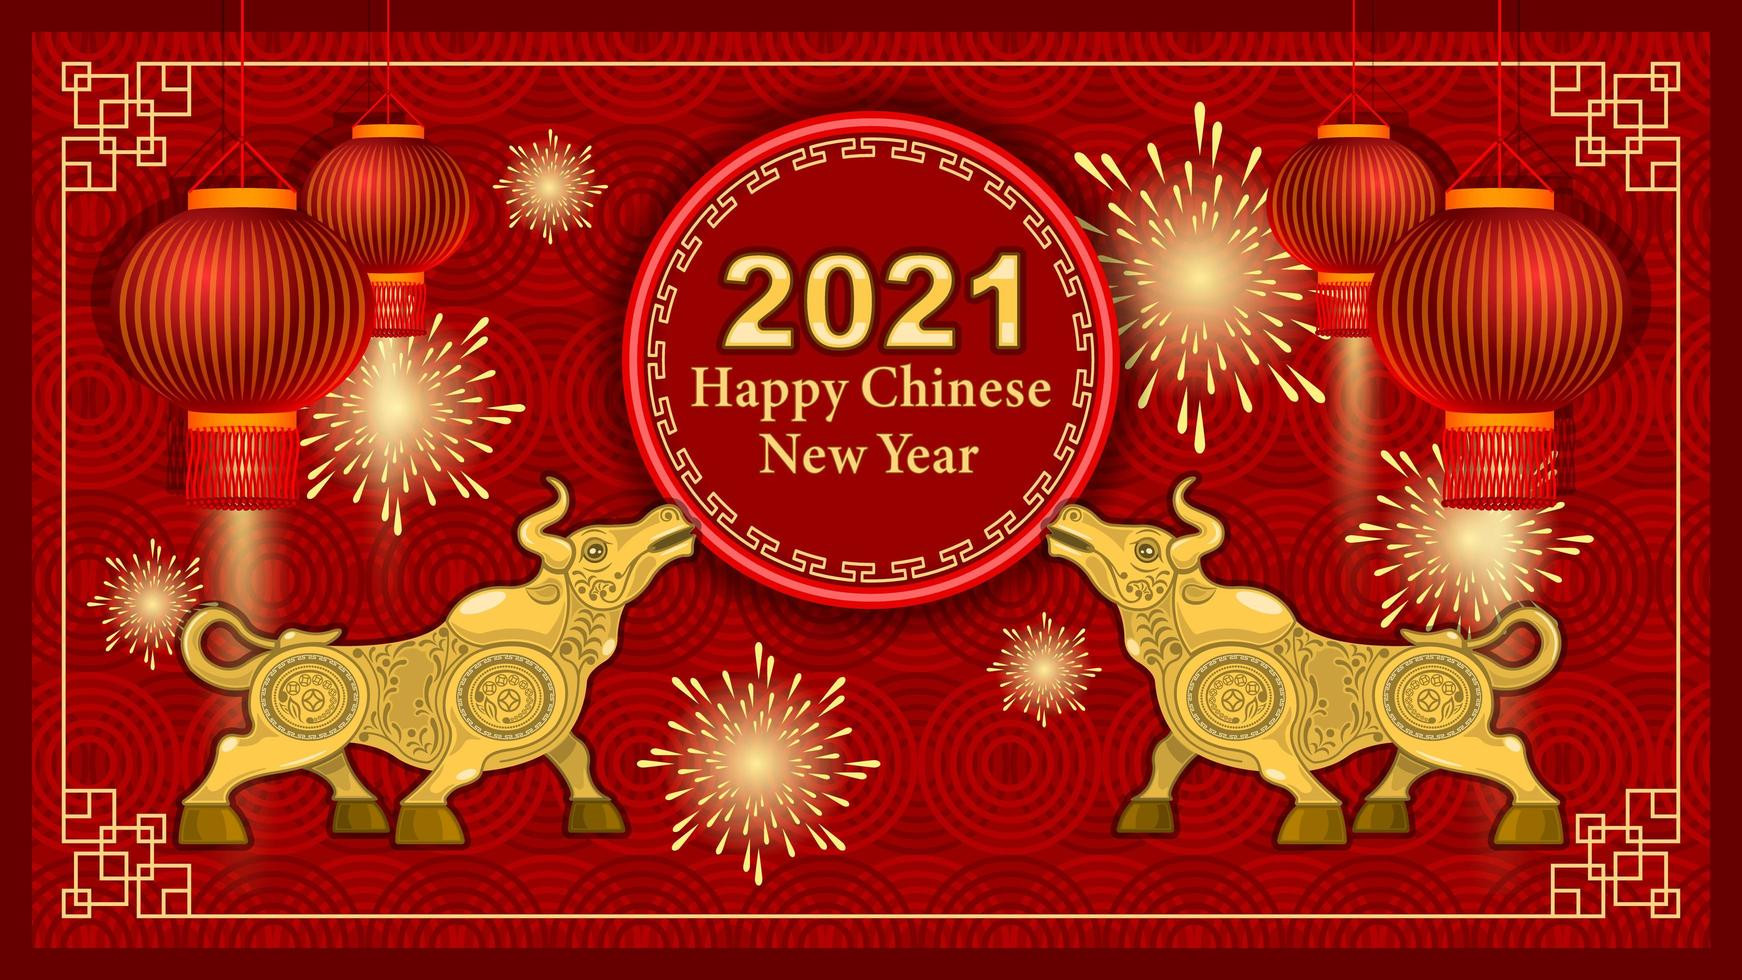 2021 metalen gouden stier en decoratie-elementen op rode achtergrond vector